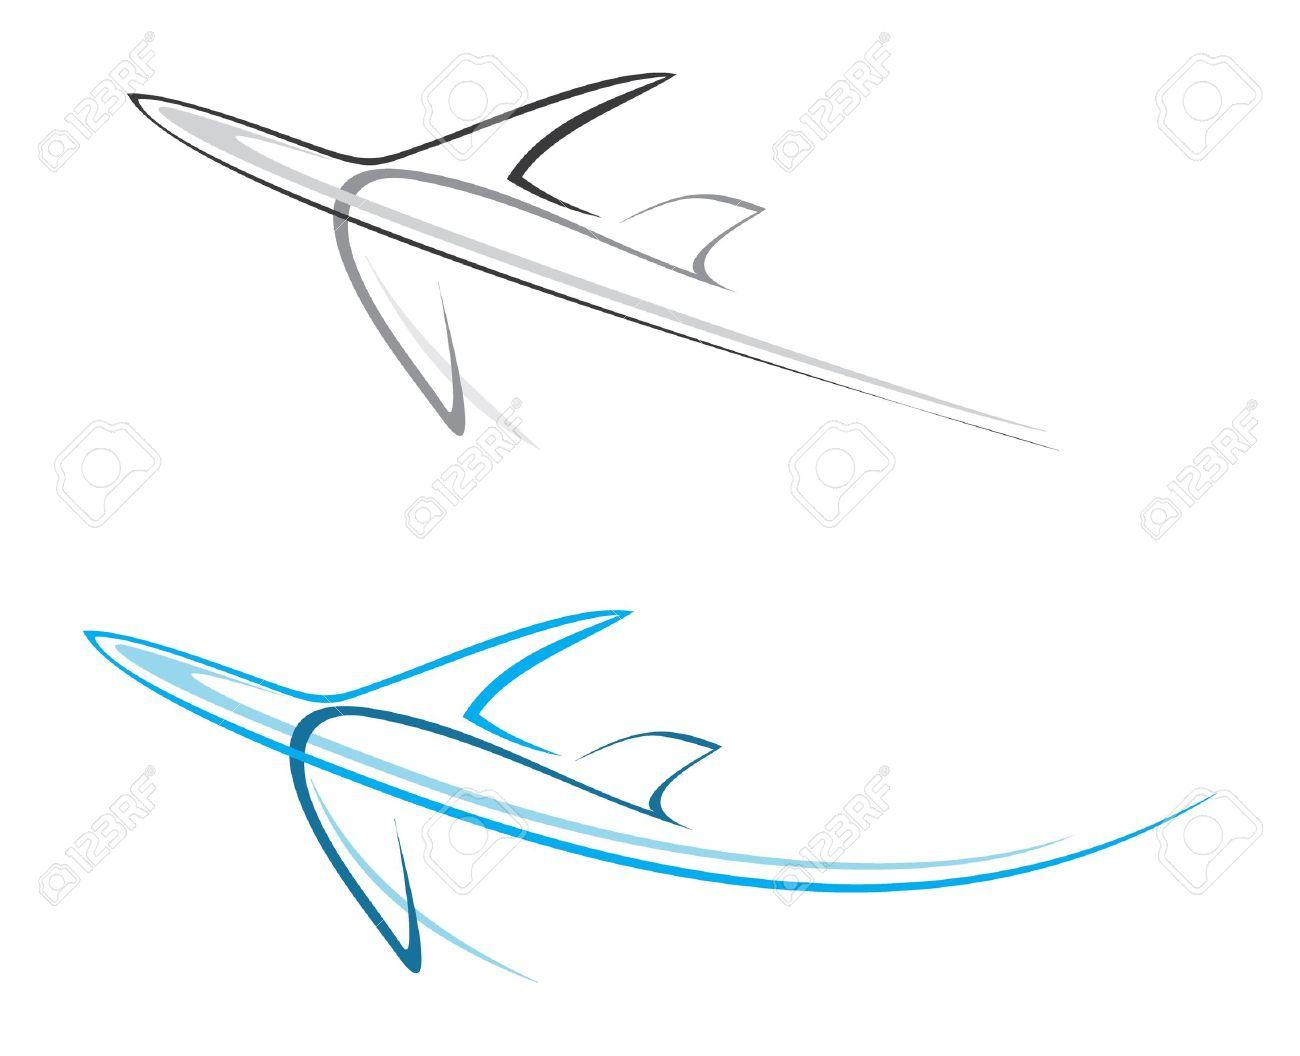 flying airplane stylized illustration grey icon on white